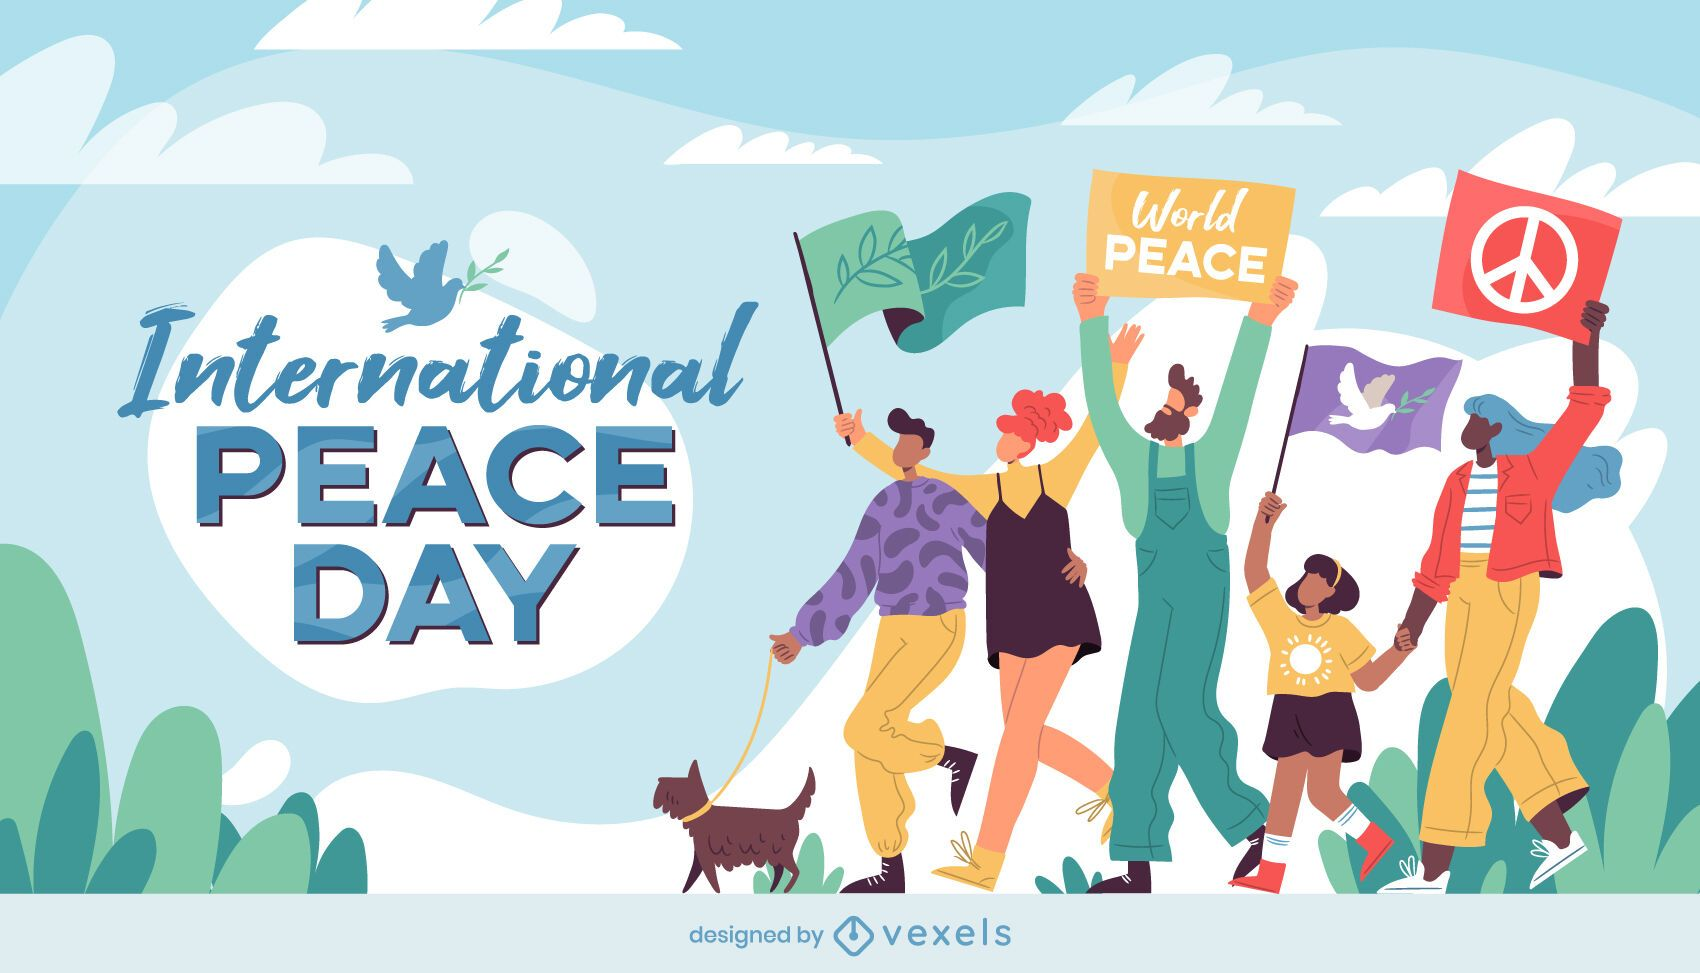 Ilustraci?n de la marcha del d?a internacional de la paz